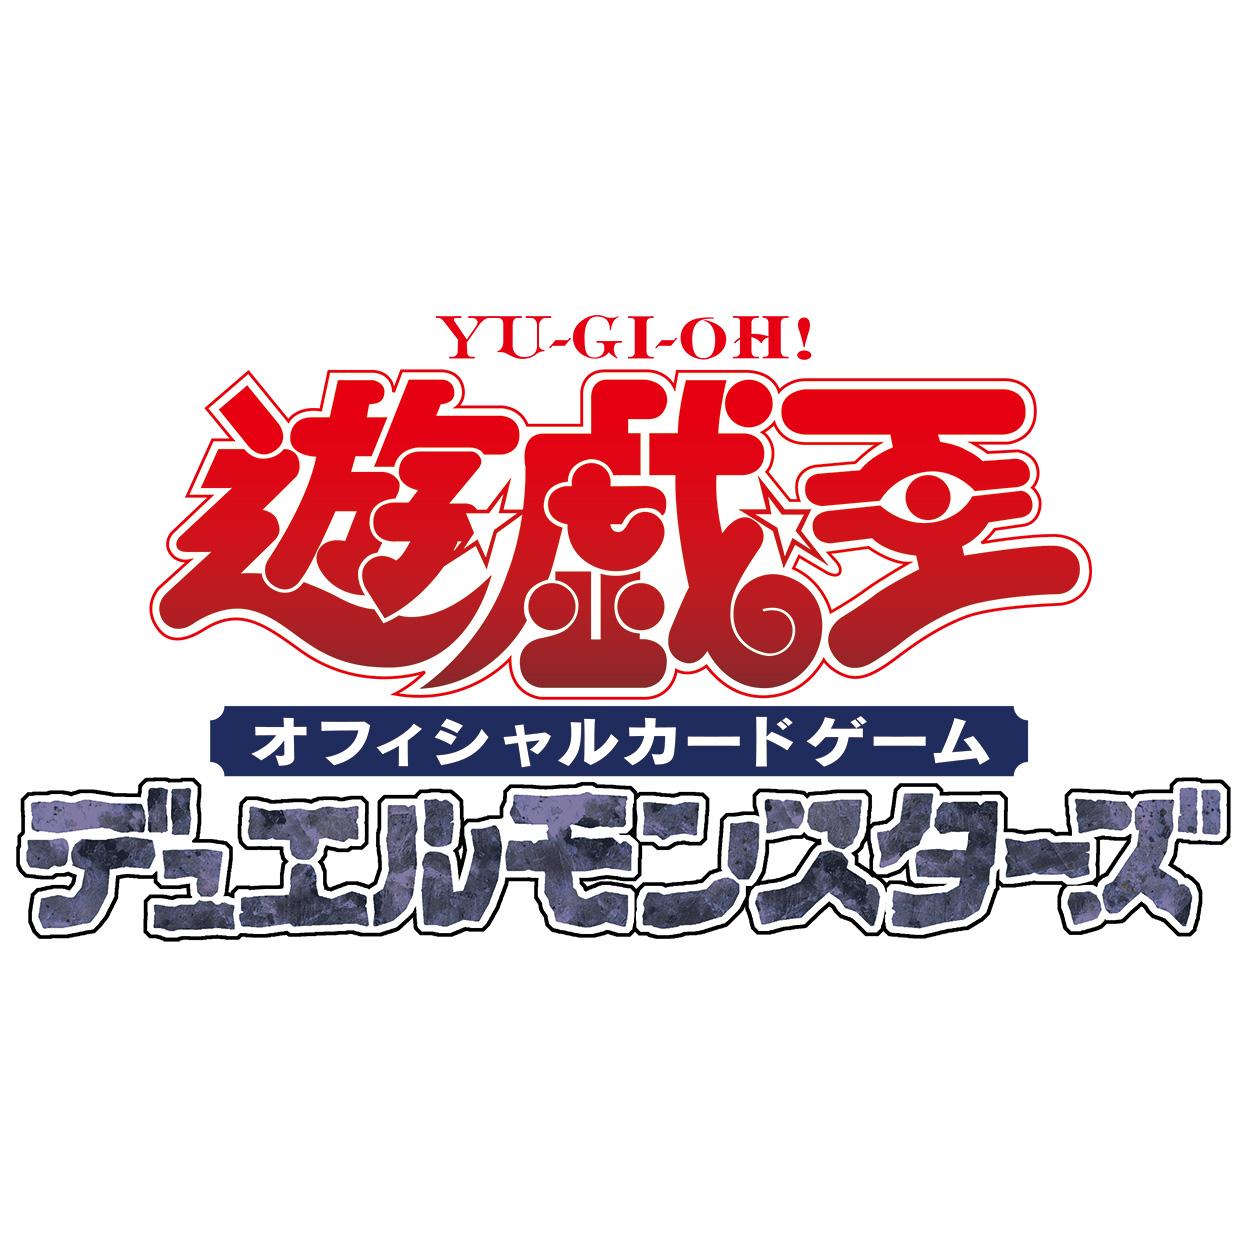 遊戯王OCG デュエルモンスターズ『PHANTOM RAGE(ファントム・レイジ)』トレカ-001